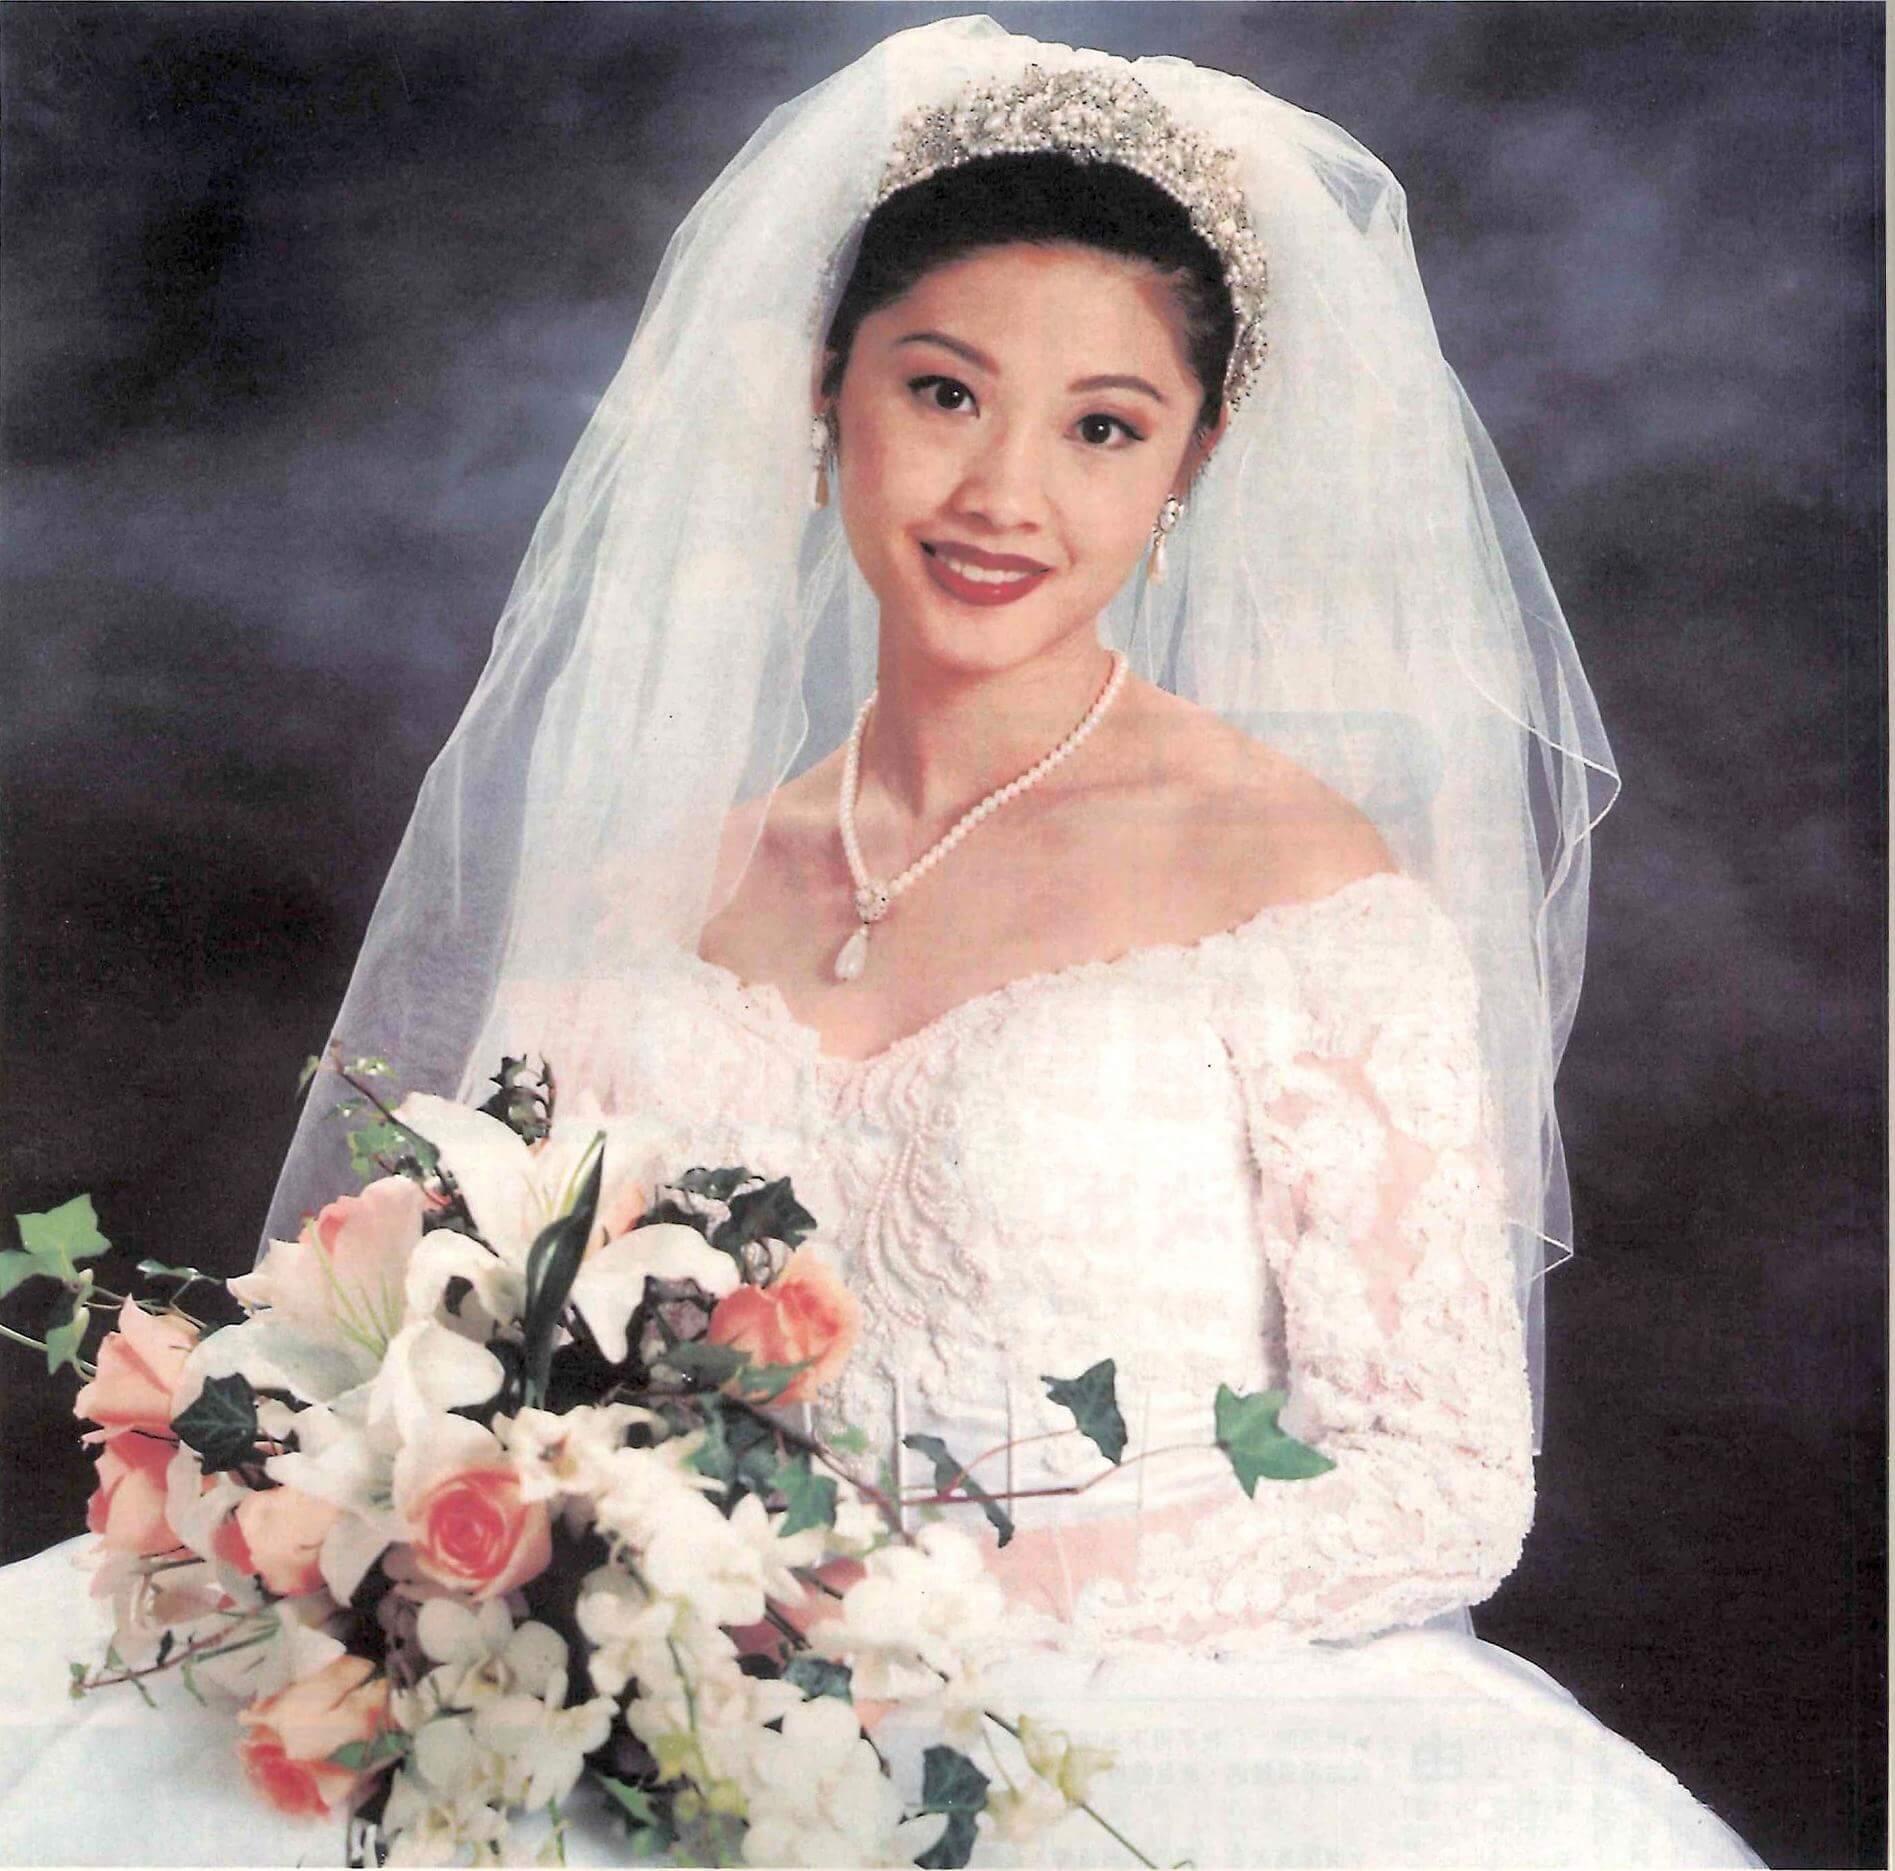 翁嘉穗於1999年1月5日在美國拉斯維加斯下嫁比她年長20年的鄔友正。翁嘉穗頸上戴的珠鏈,是鄔友正姊姊送贈之結婚禮物。